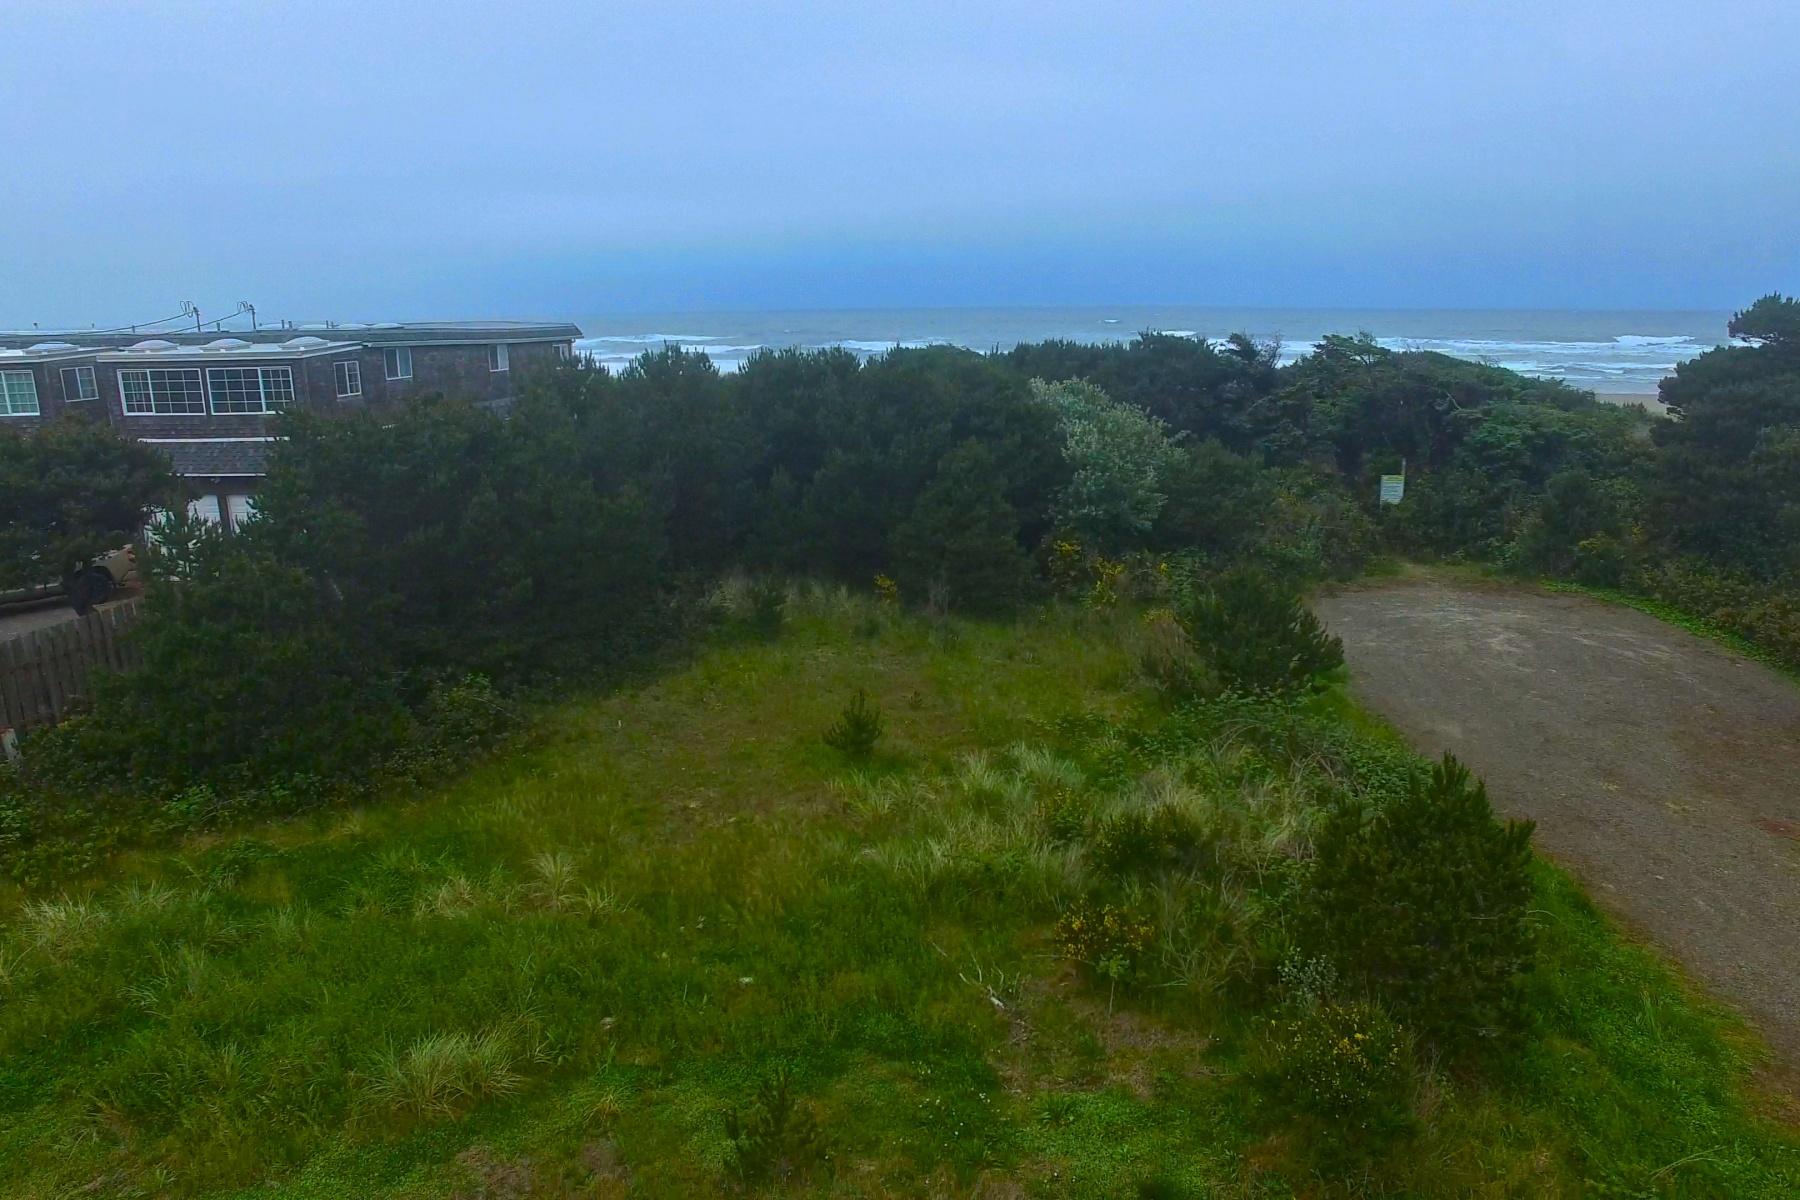 Land für Verkauf beim 150 NW 23RD AVE, ROCKAWAY BEACH Rockaway Beach, Oregon, 97136 Vereinigte Staaten